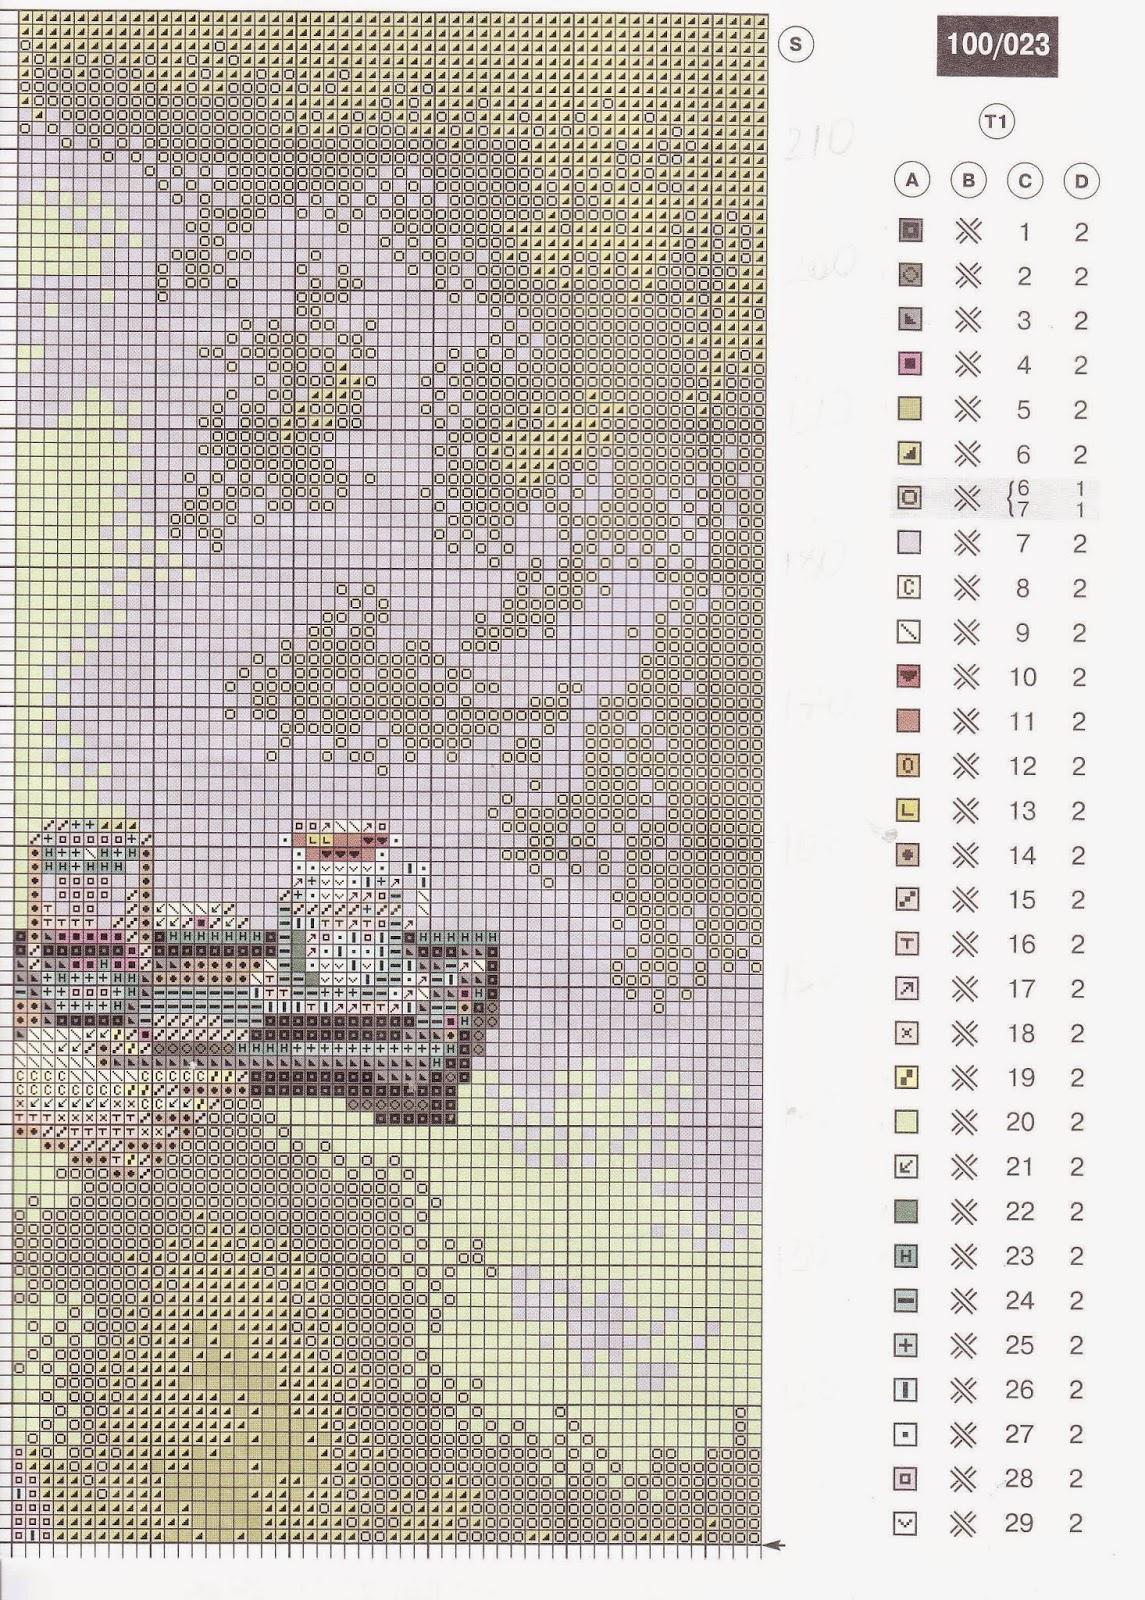 Шоколадница лиотар схема вышивки 748